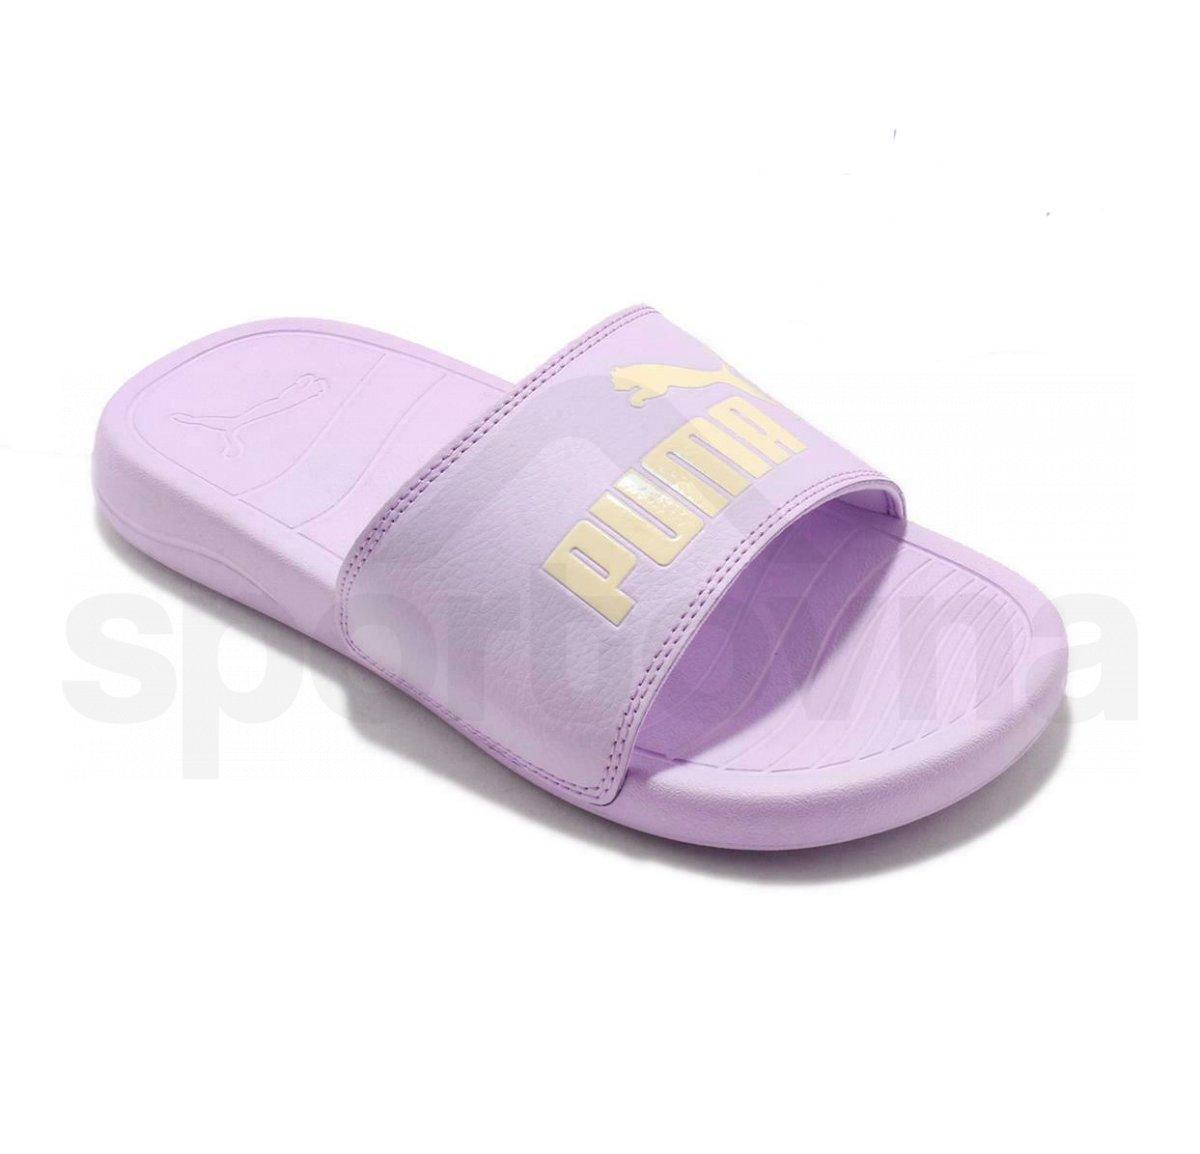 Pantofle Popcat 20 - fialová 1